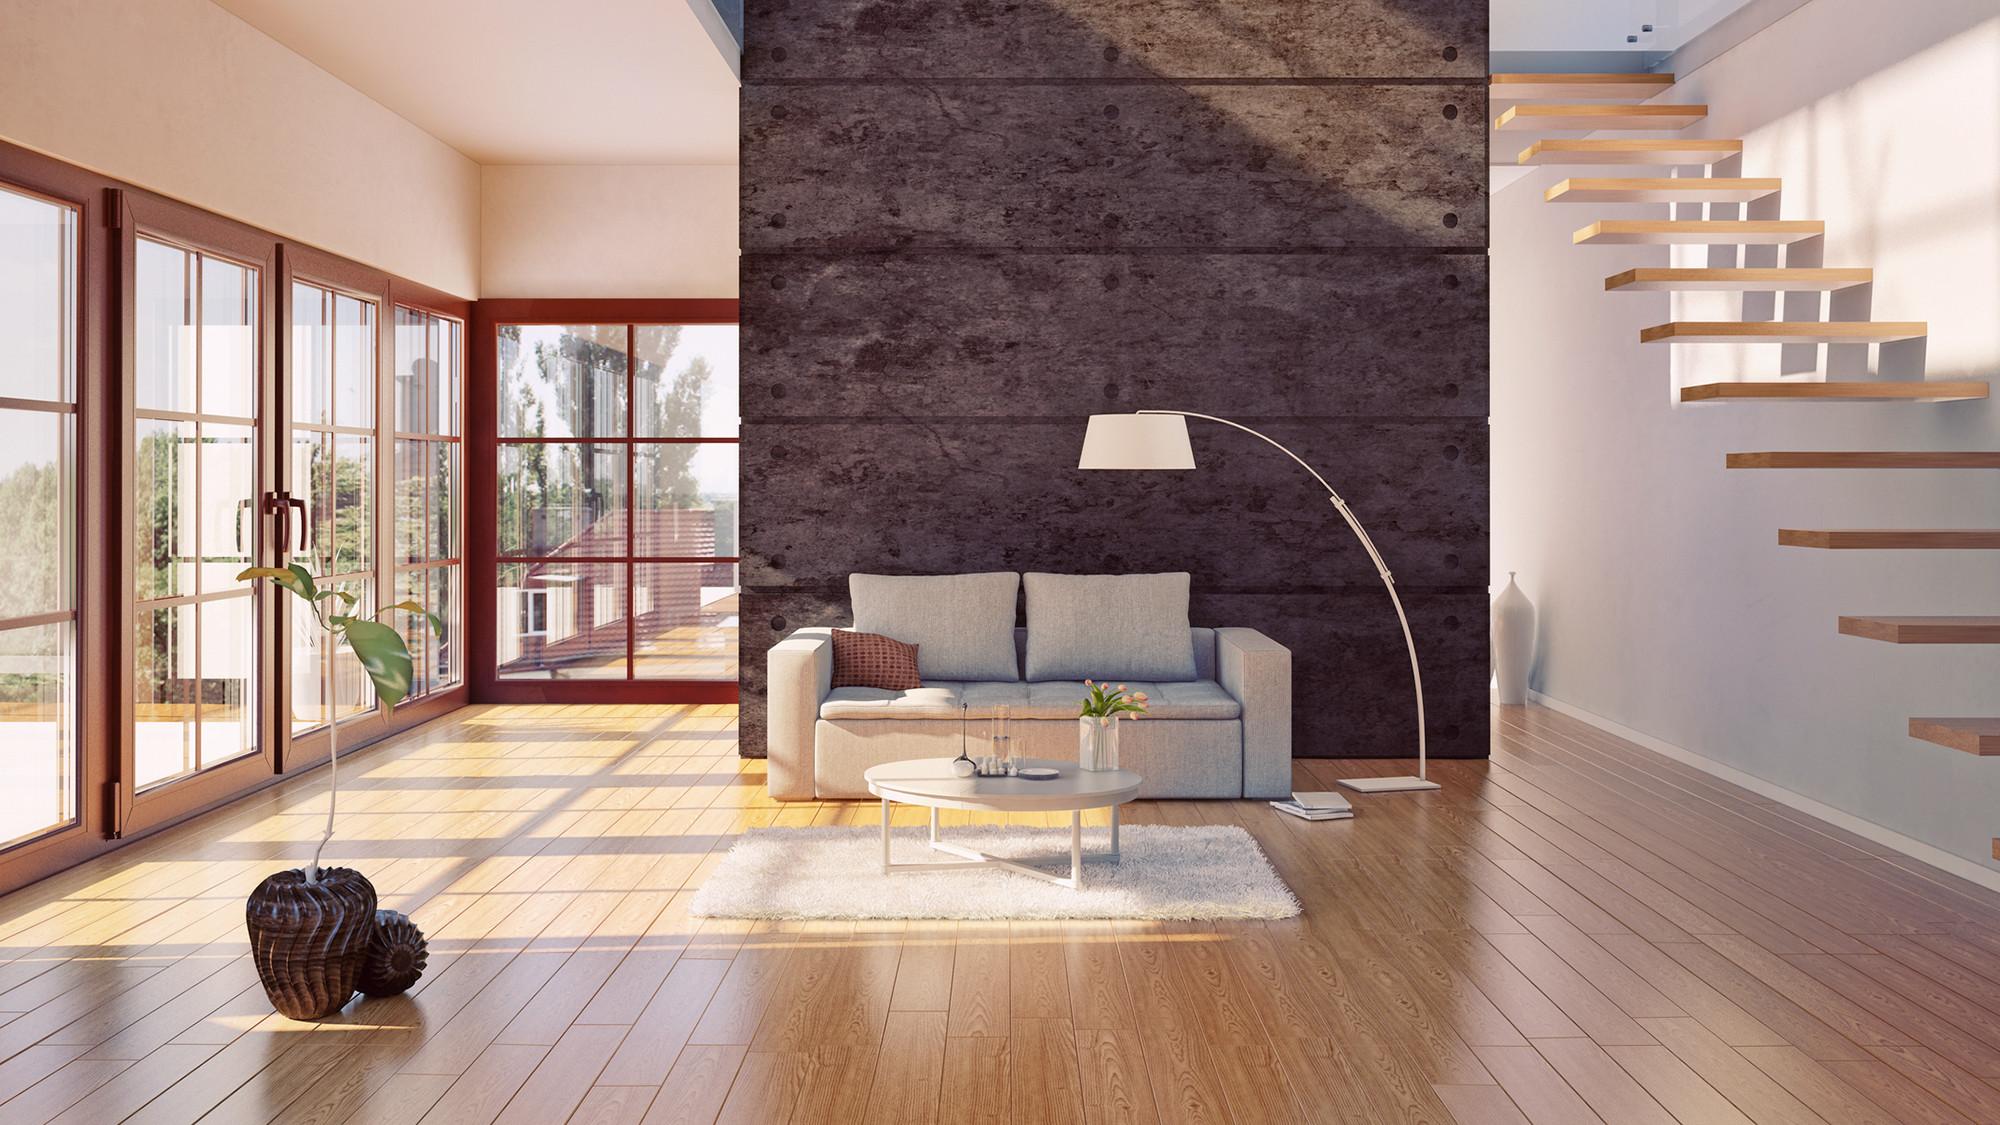 popular types of hardwood floors of do hardwood floors provide the best return on investment realtor coma throughout hardwood floors investment